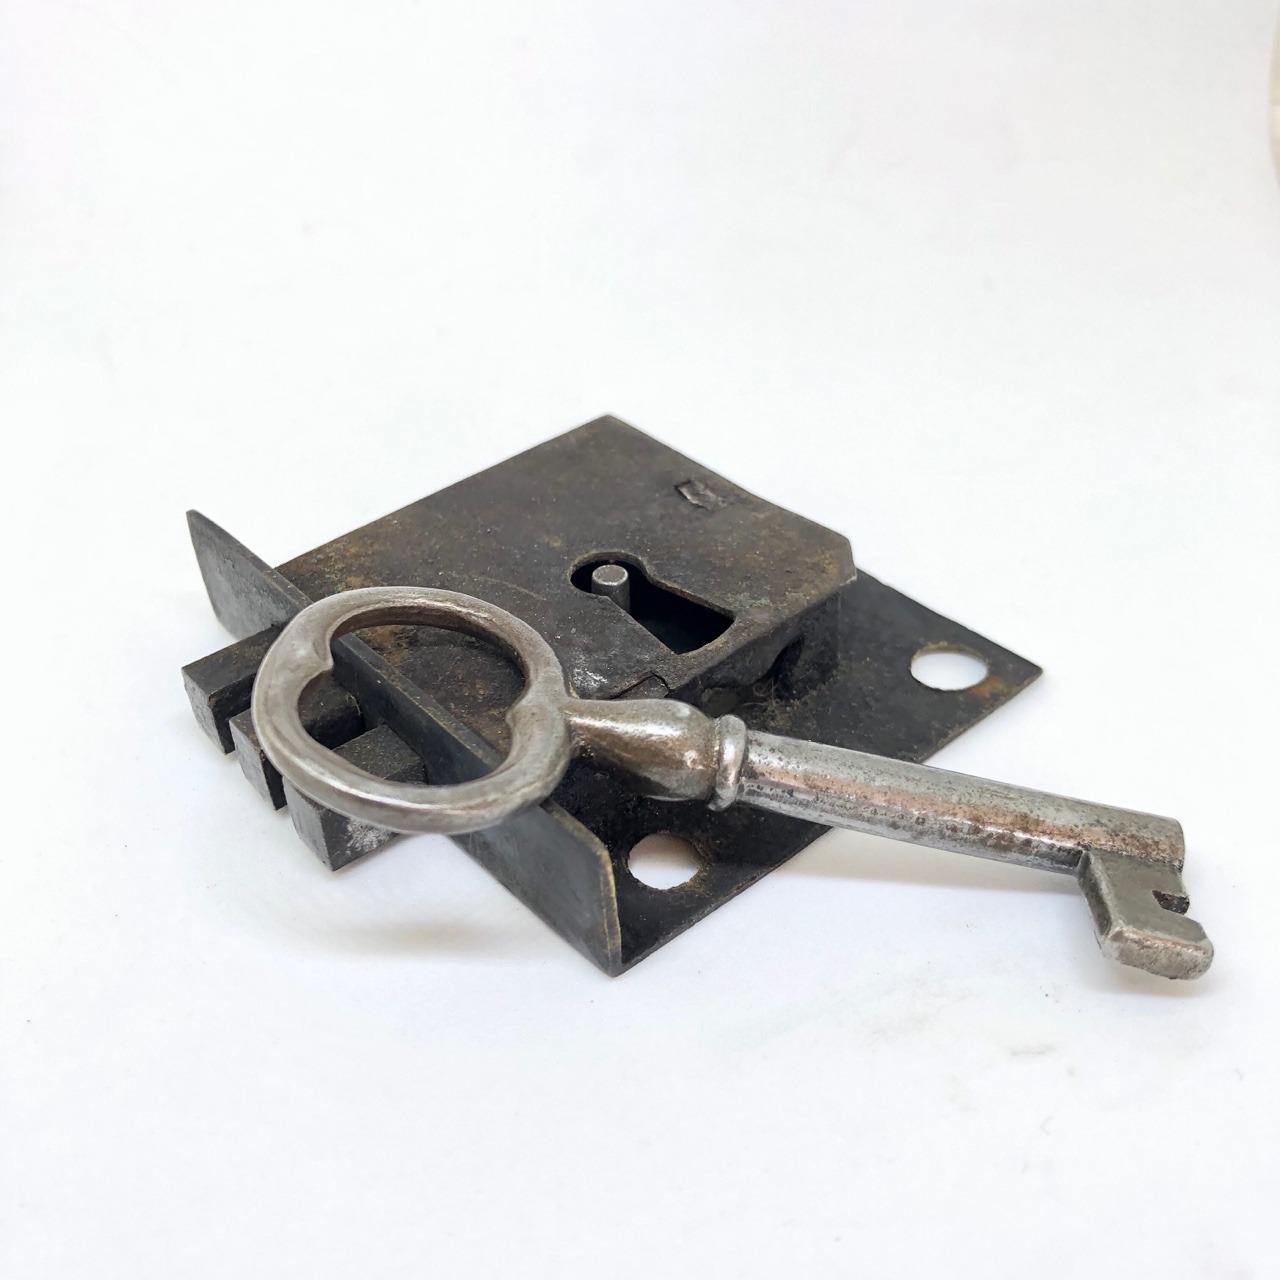 The Keyhole Surgeon – Locksmith, Teacher, Safe Technician